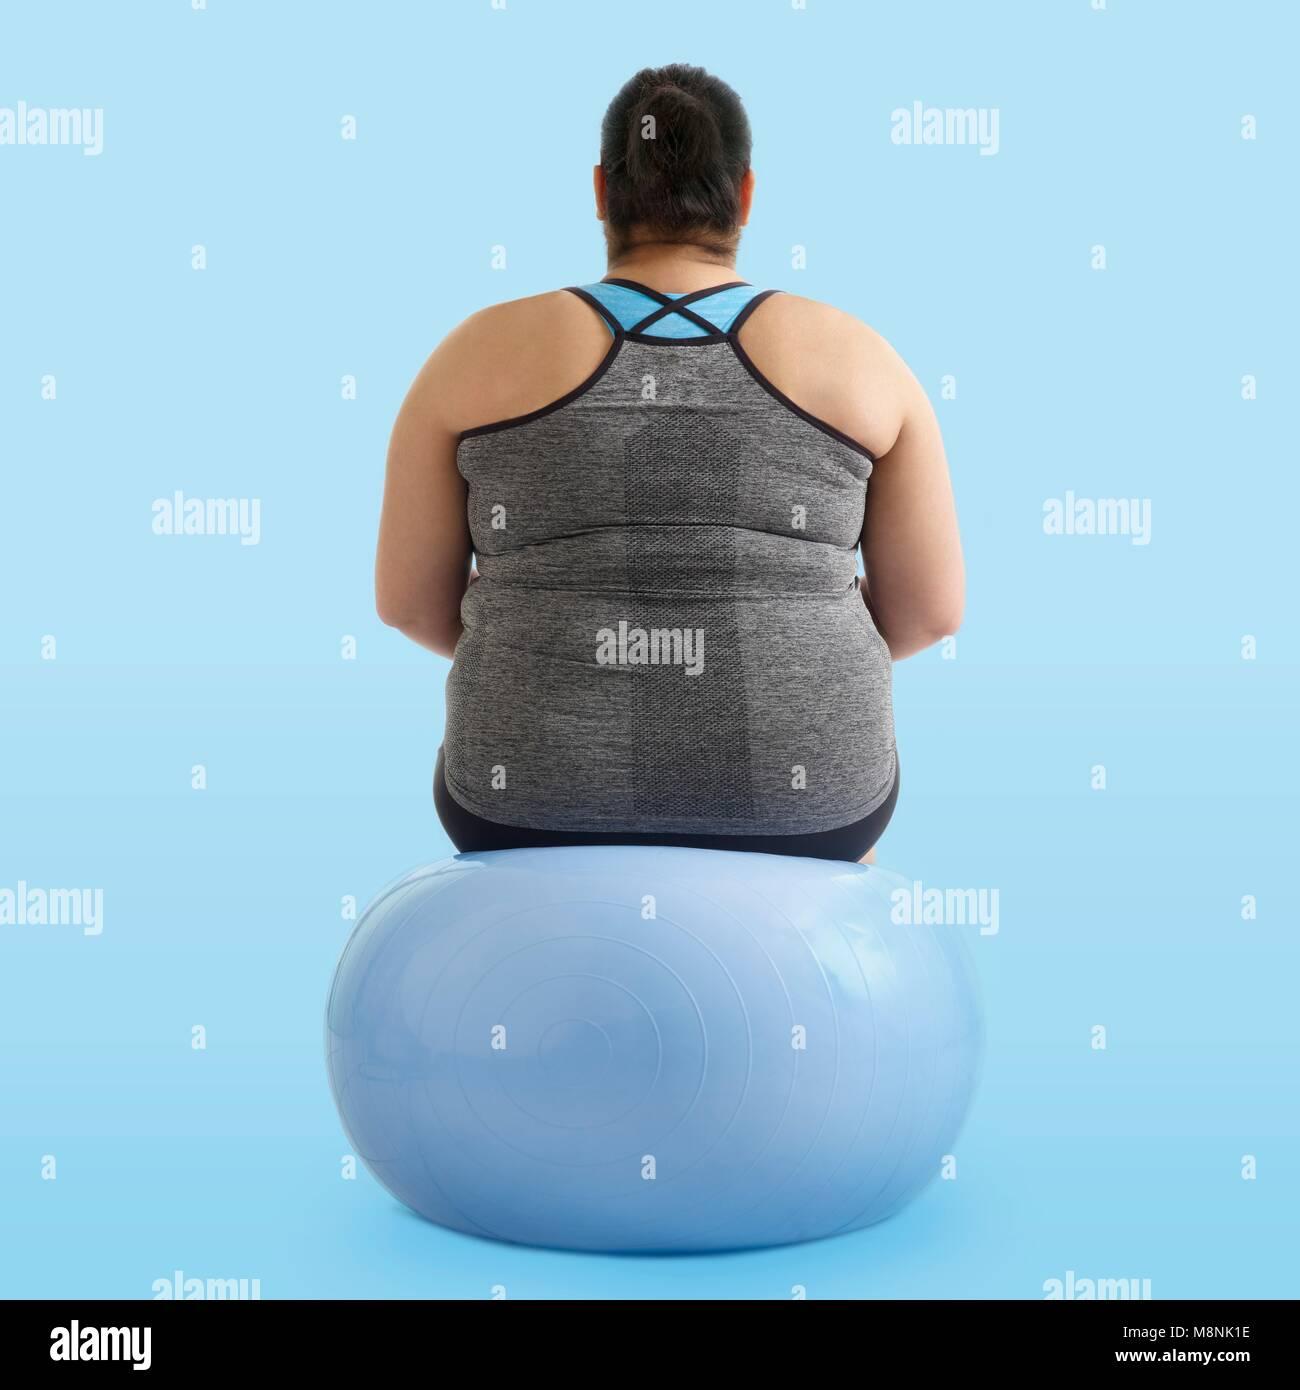 Übergewichtige Frau sitzt auf einer übung Kugel, Ansicht von hinten. Stockbild